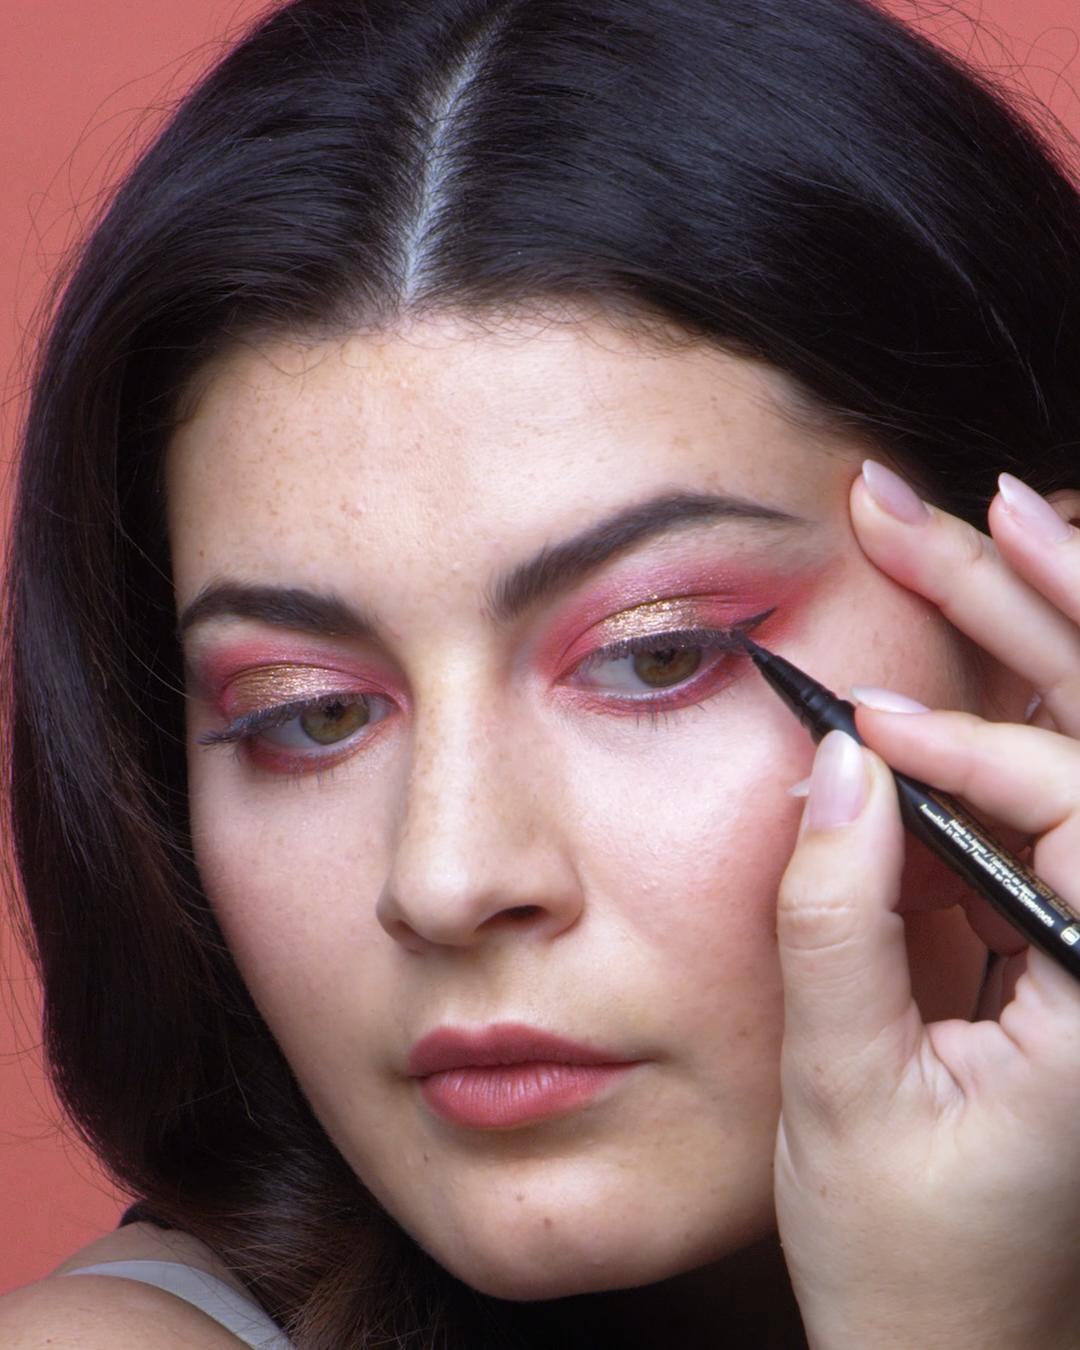 C'est le meilleur moment de l'année pour les beautystas ! A vous les paillettes, textures mattes ou onctueuses, poudres veloutées ou métallisées, reflets ultra-brillants et autres finis impeccables, car les palettes de maquillage arrivent en boutique à temps pour les fêtes, pour le plus grand bonheur des fans de make-up. Suivez le guide ! #ItalieDeux #palette #maquillage #makeup #fête #tuto